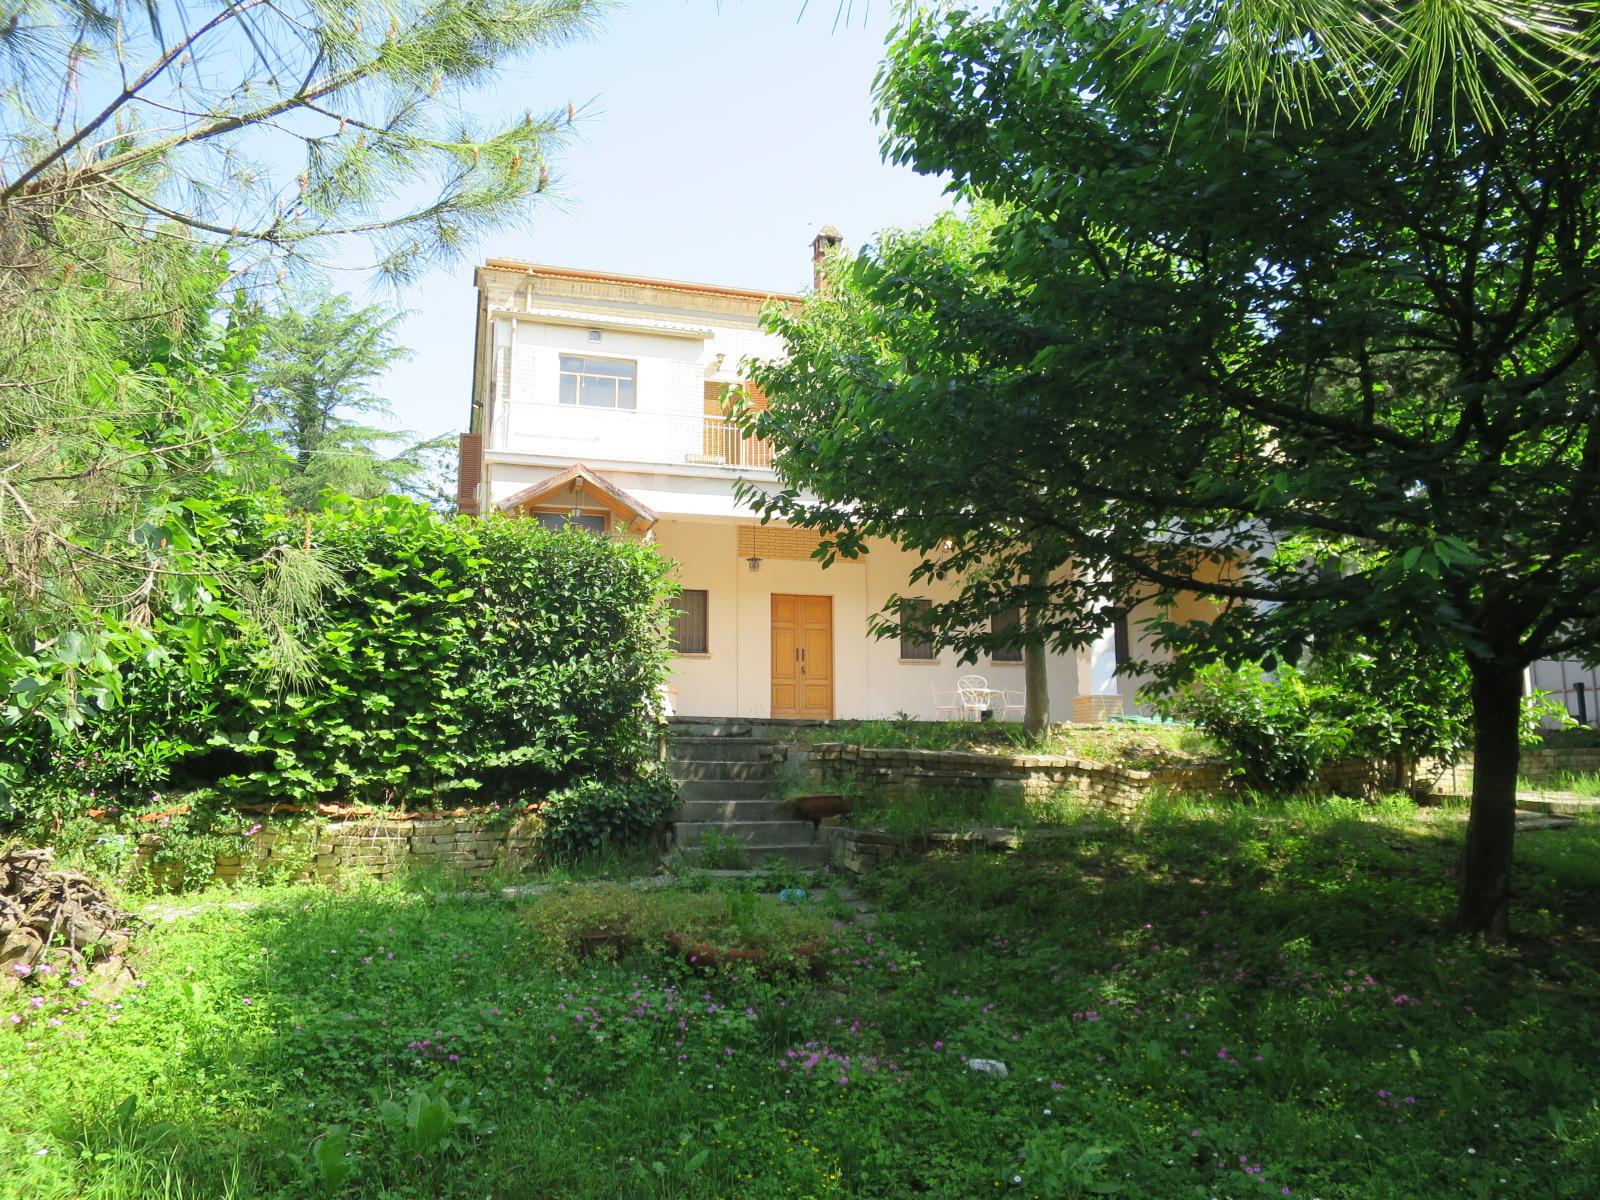 Villa Villa for sale Roseto degli Abruzzi (TE), Villa del Marinaio - Roseto degli Abruzzi - EUR 385.559 430